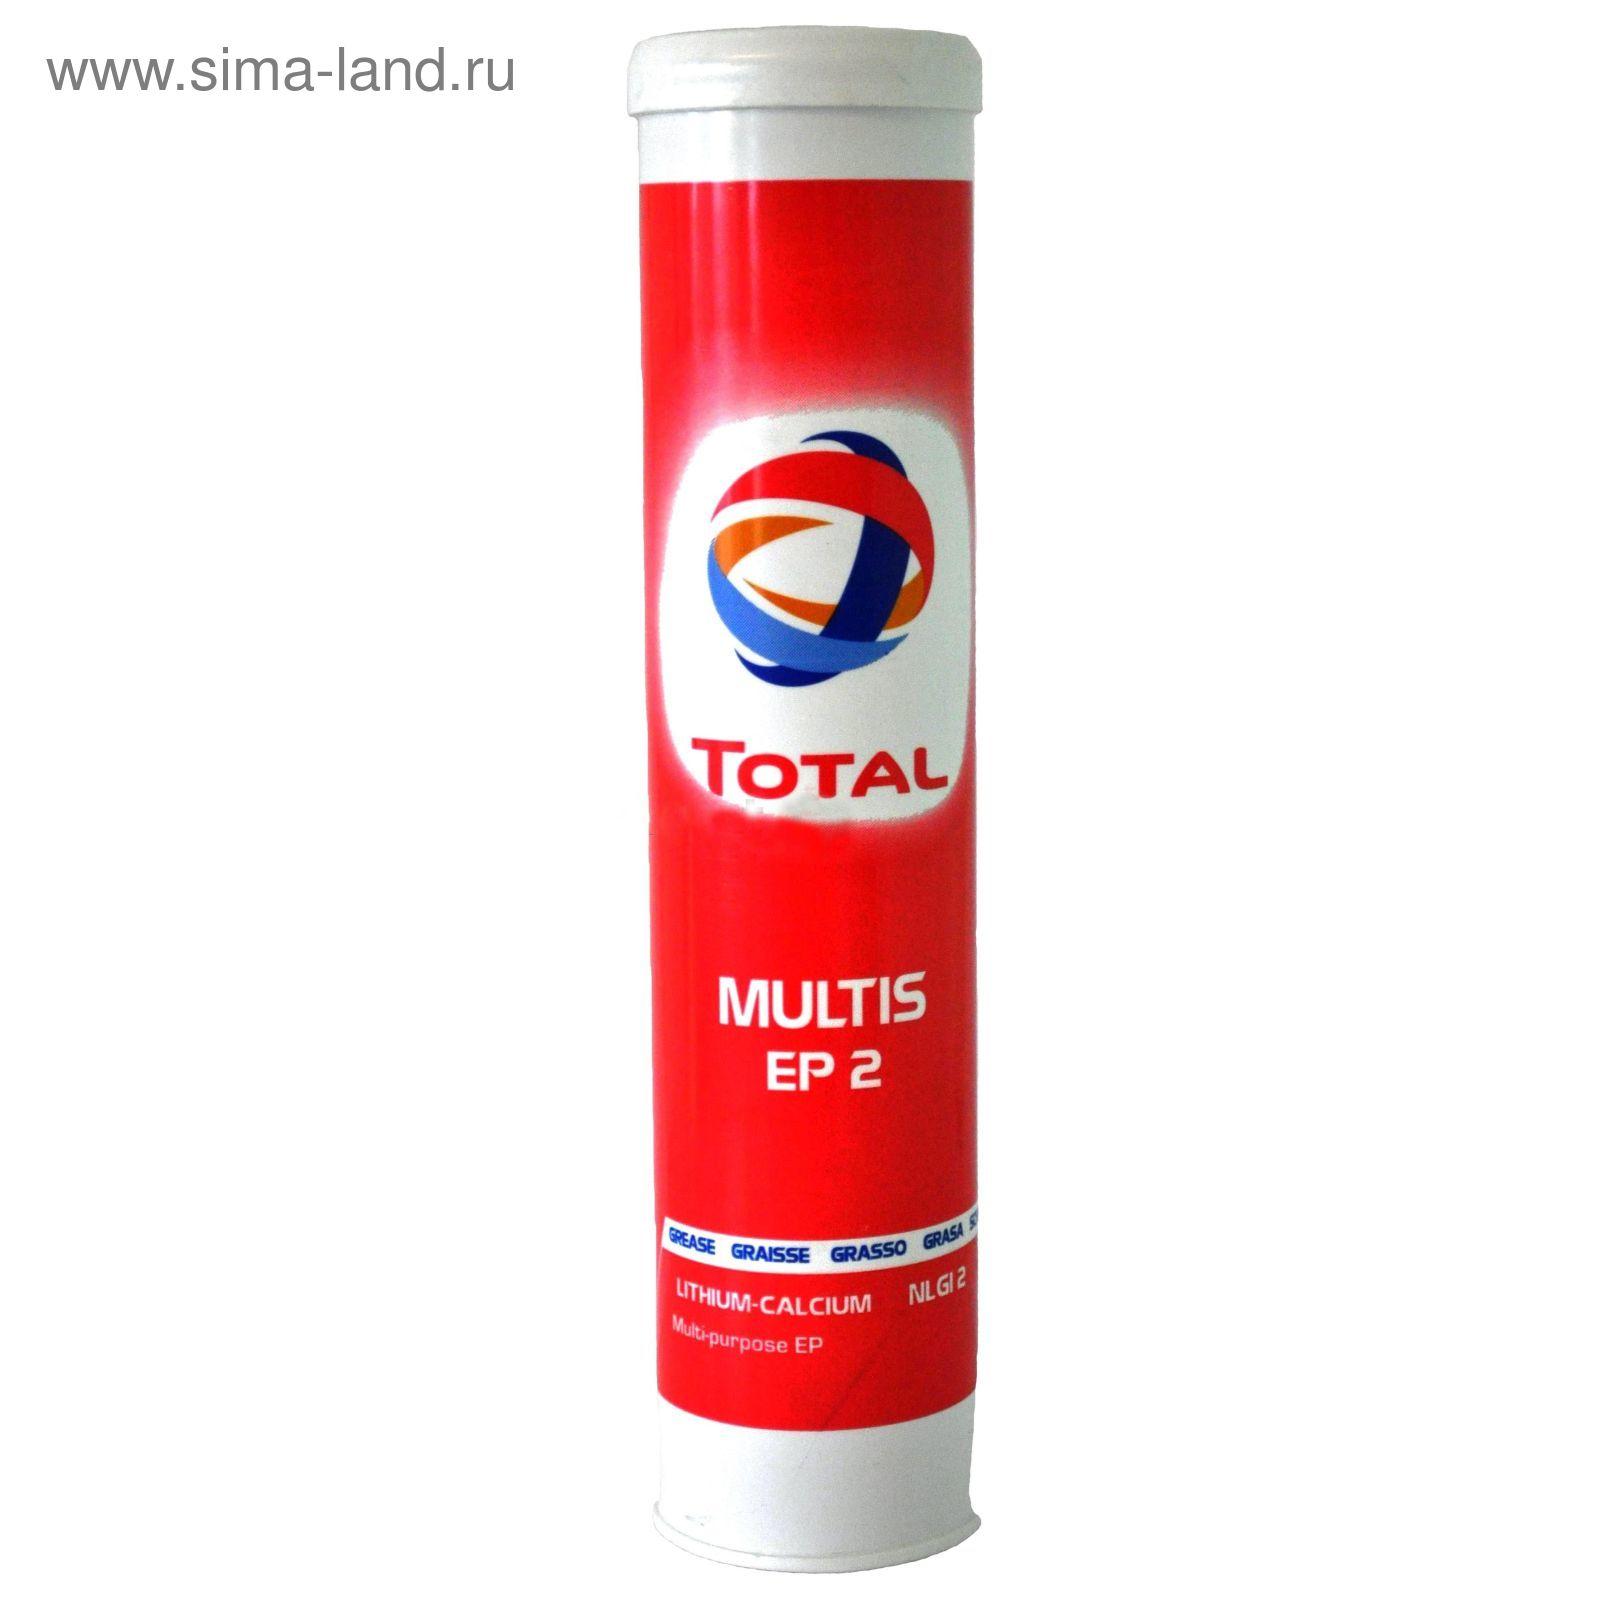 1e29d75c3 Универсальная смазка Total Multis EP 2, 0,4 кг (1434857) - Купить по ...